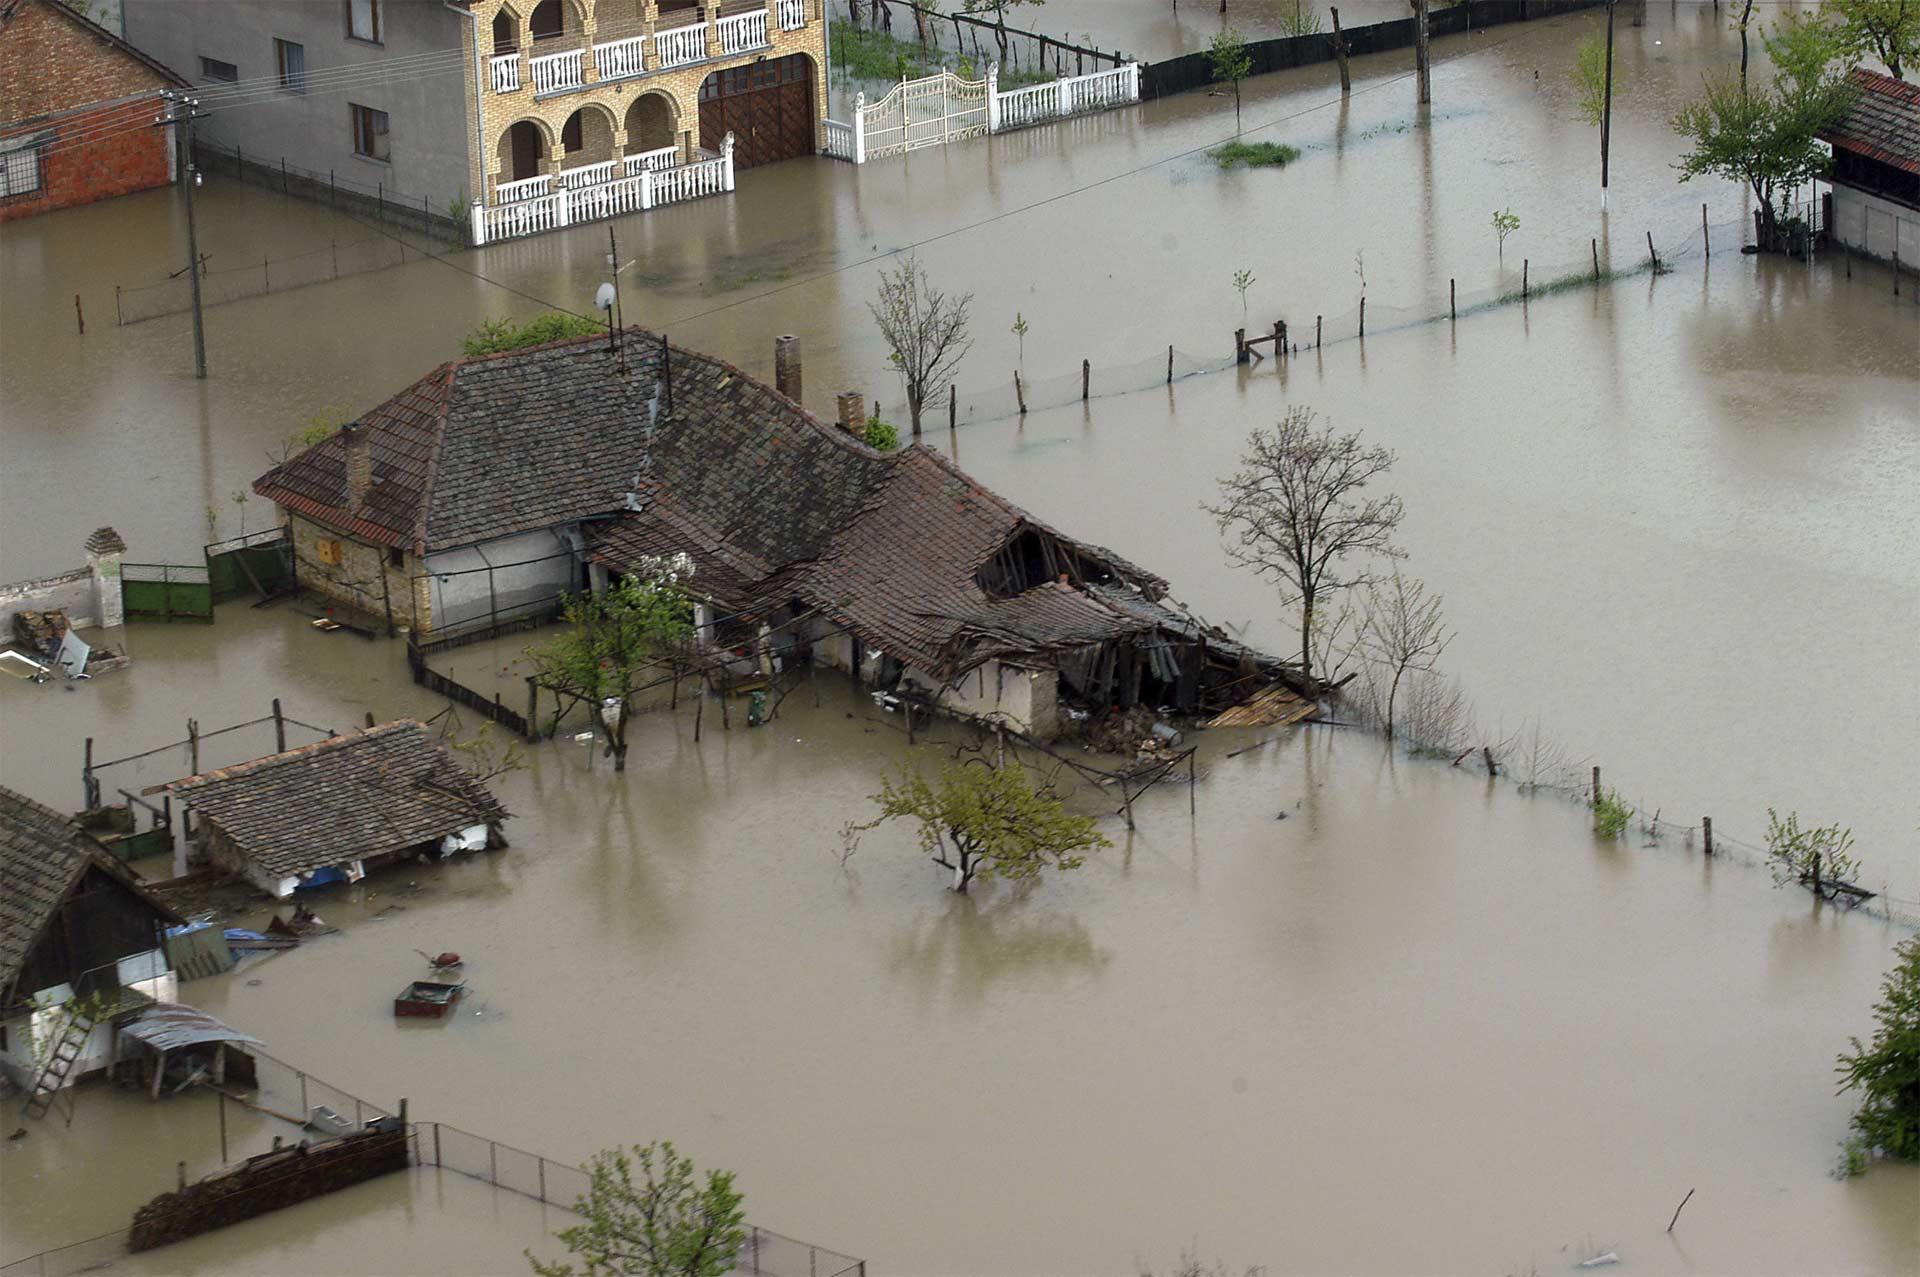 Autoridades y expertos se reunirán en Nicaragua para evaluar un plan regional de preparación ante catástrofes